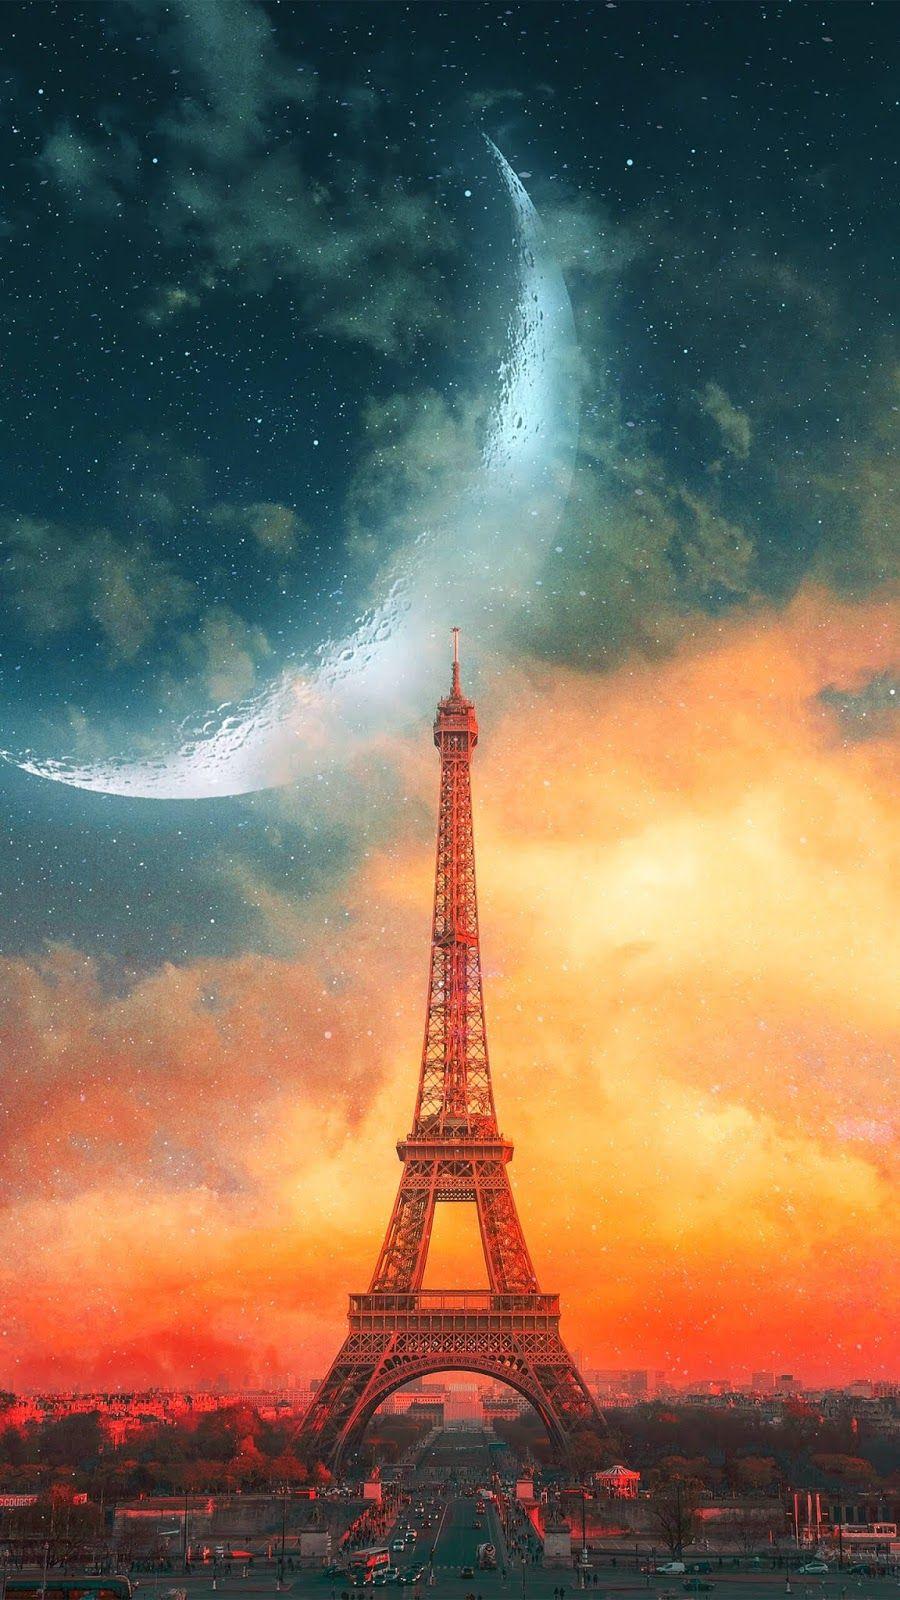 Eiffel Tower Eiffel tower painting, Eiffel tower, Paris